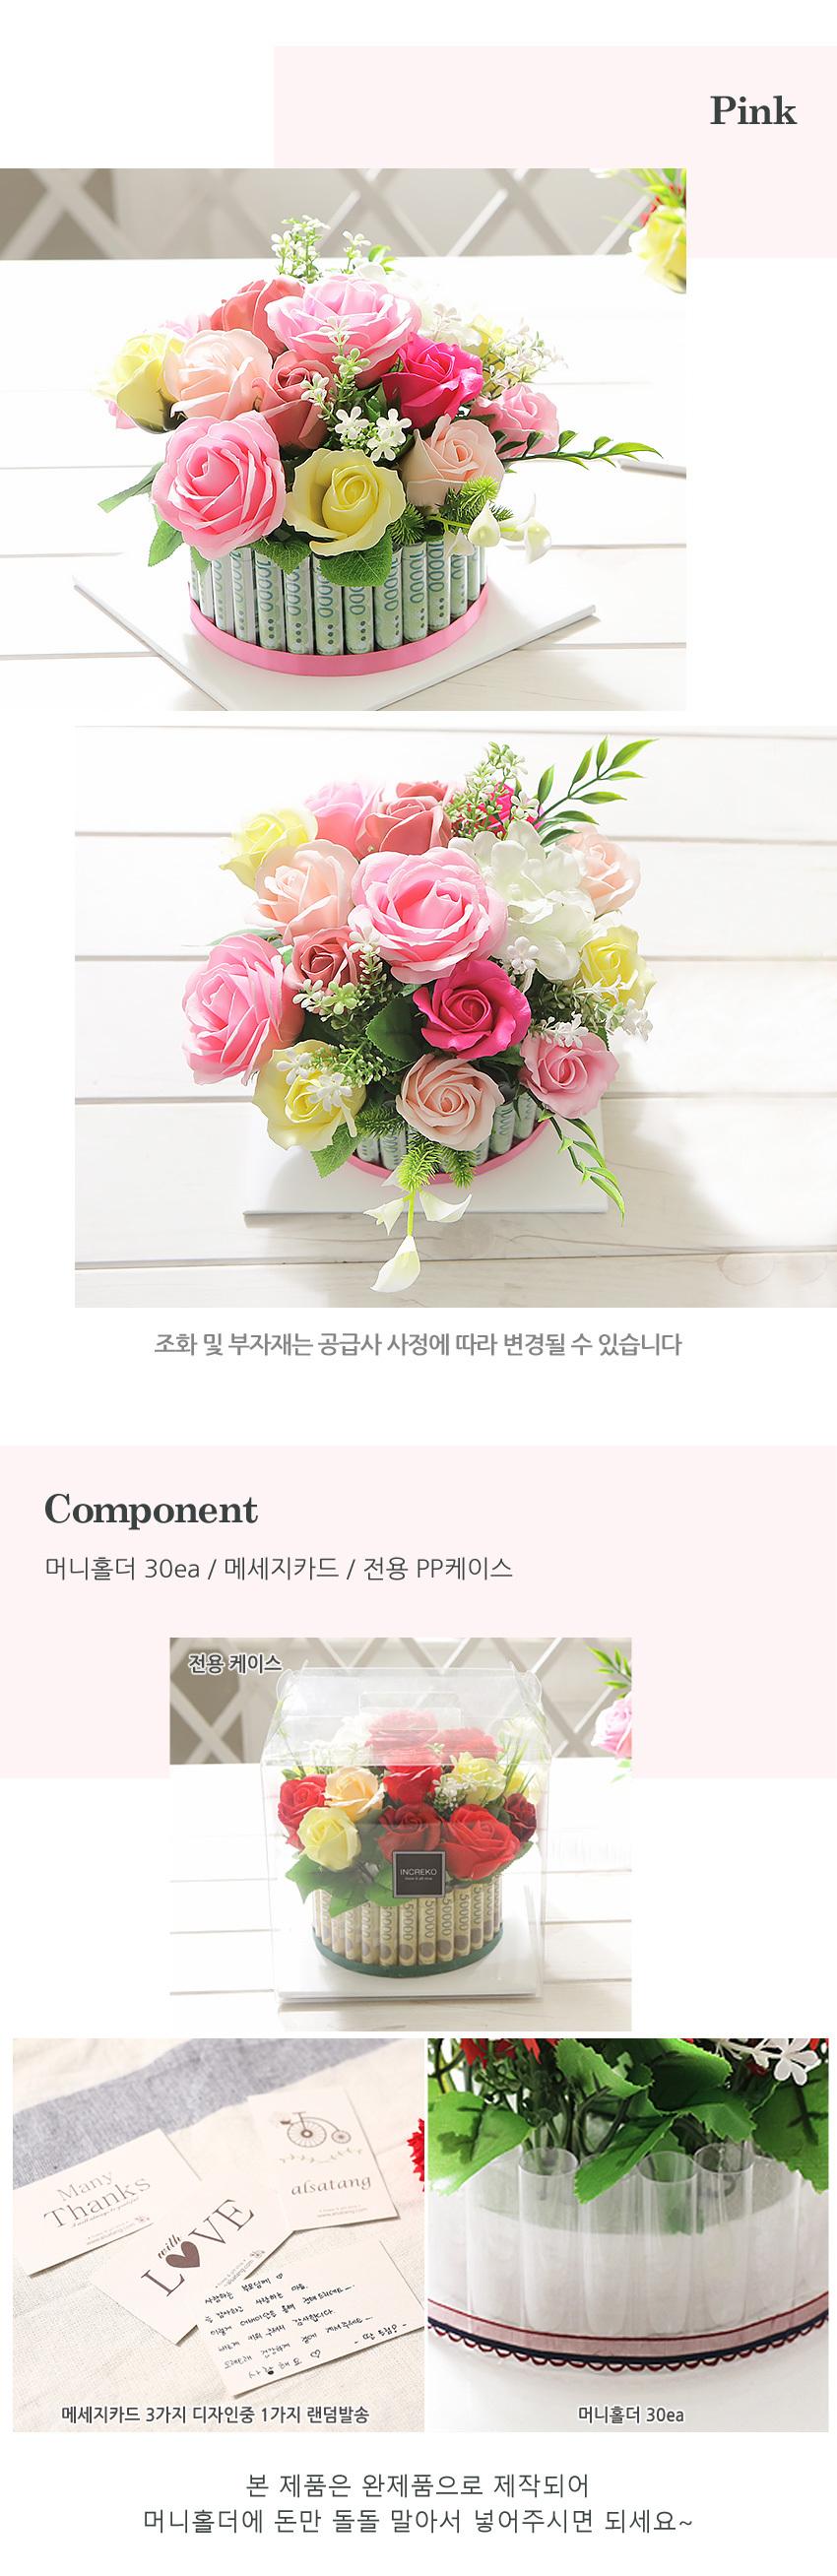 로즈플라워케익 용돈박스(30) 부부의날 성년의날 - 알사탕닷컴, 20,600원, 조화, 꽃다발/꽃바구니